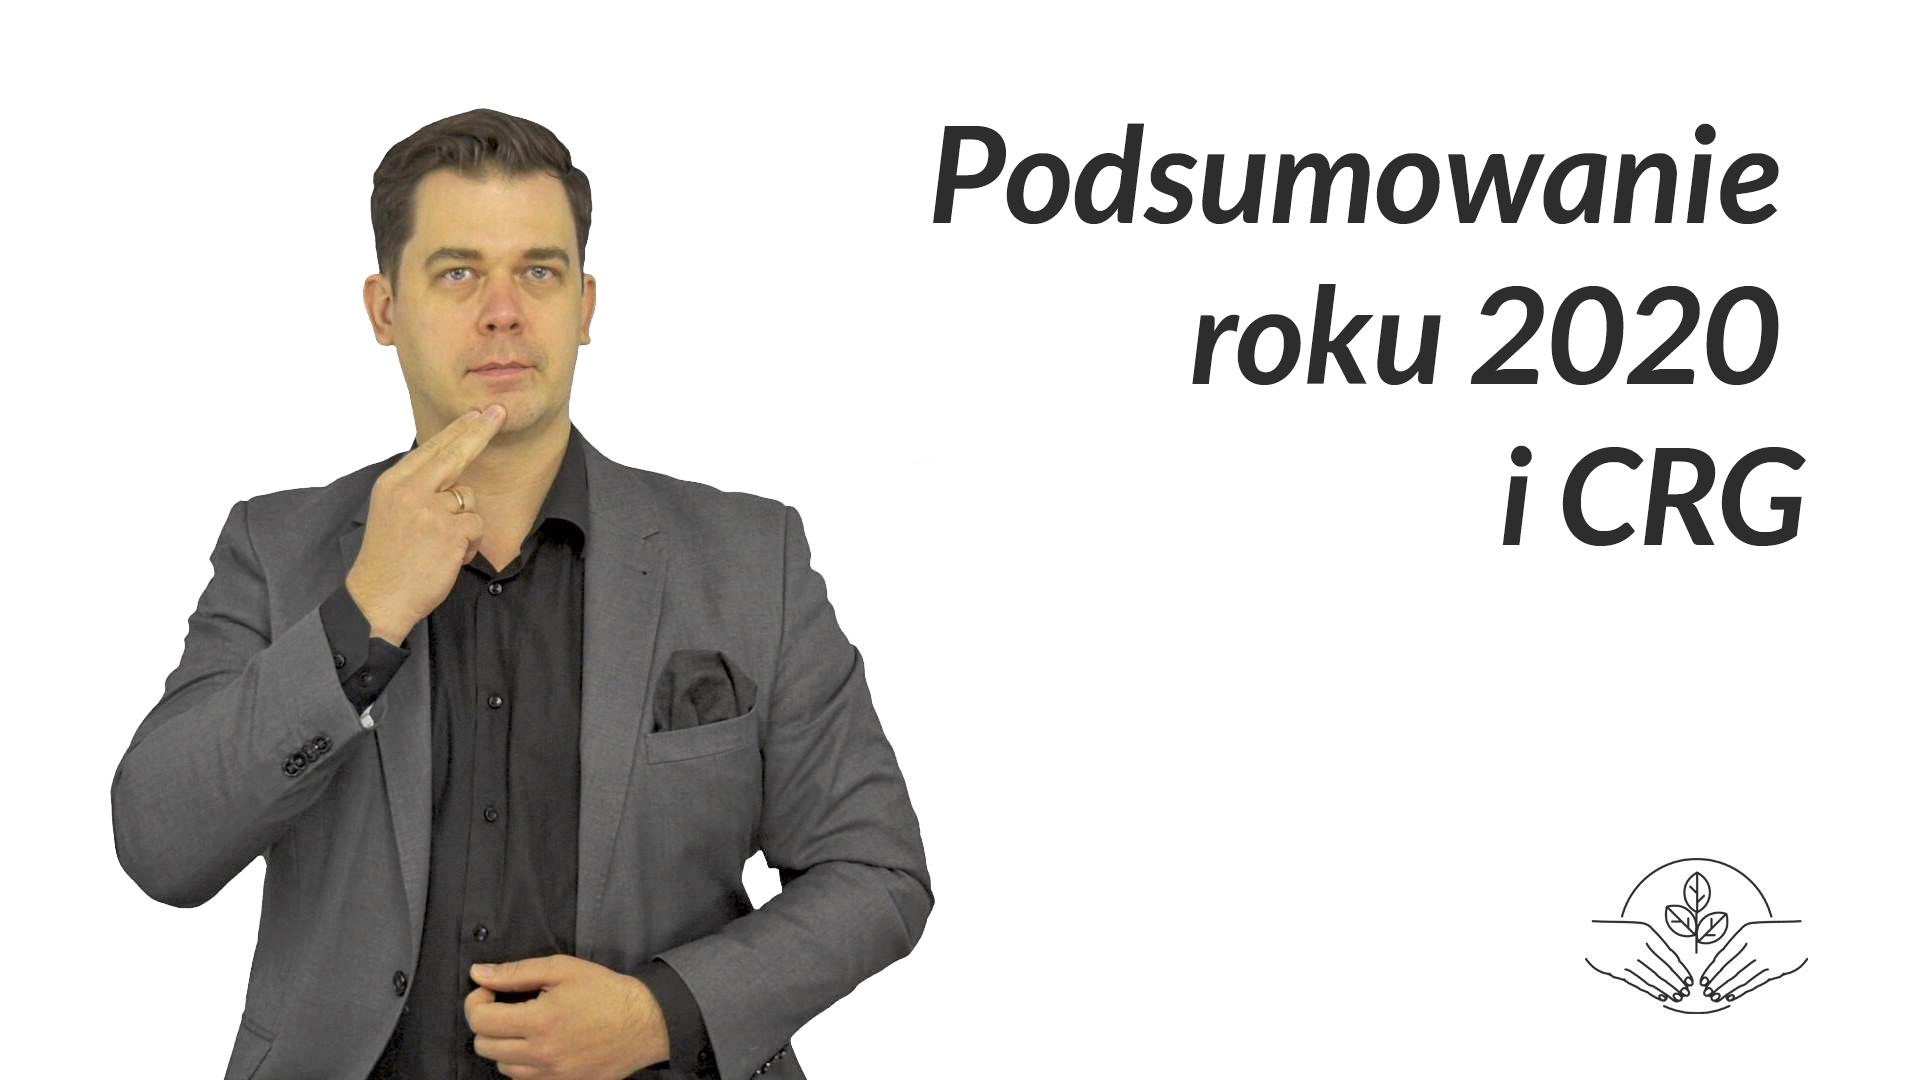 grafika, po lewej tłumacz języka migowego, Tomasz Smakowski, po prawej napis: